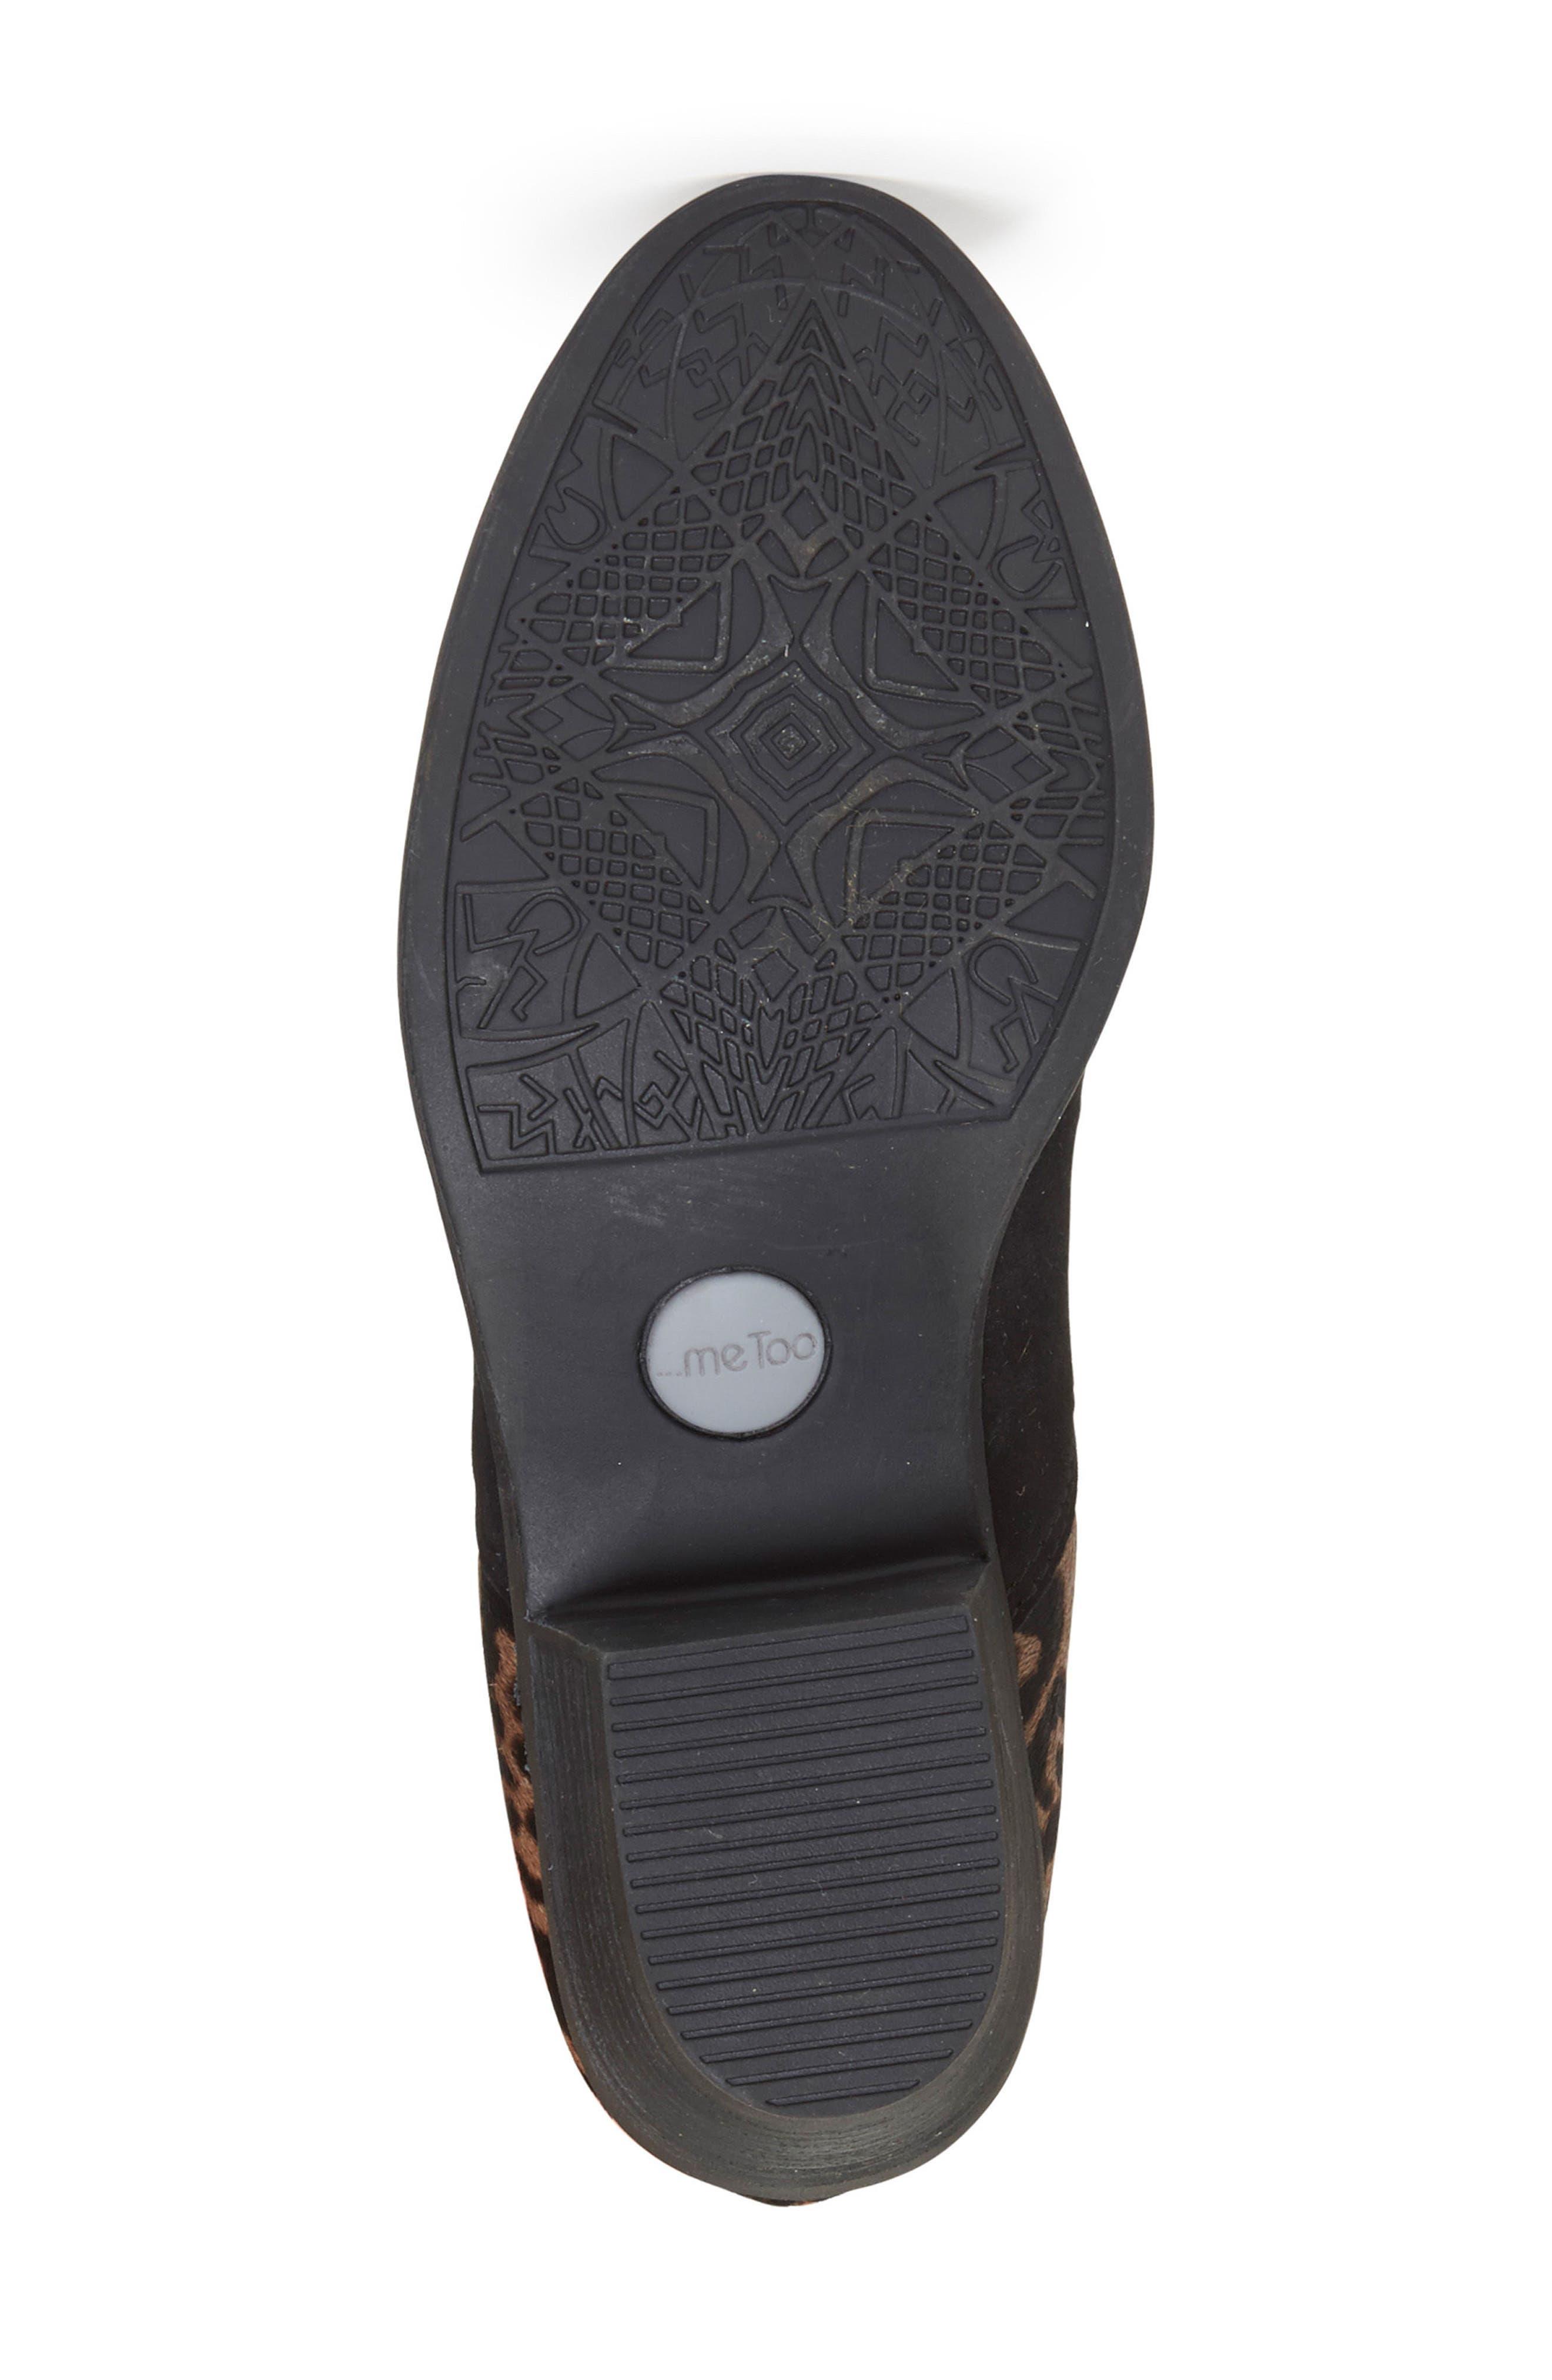 Zena Ankle Boot,                             Alternate thumbnail 6, color,                             Black/ Ash Jaguar Suede